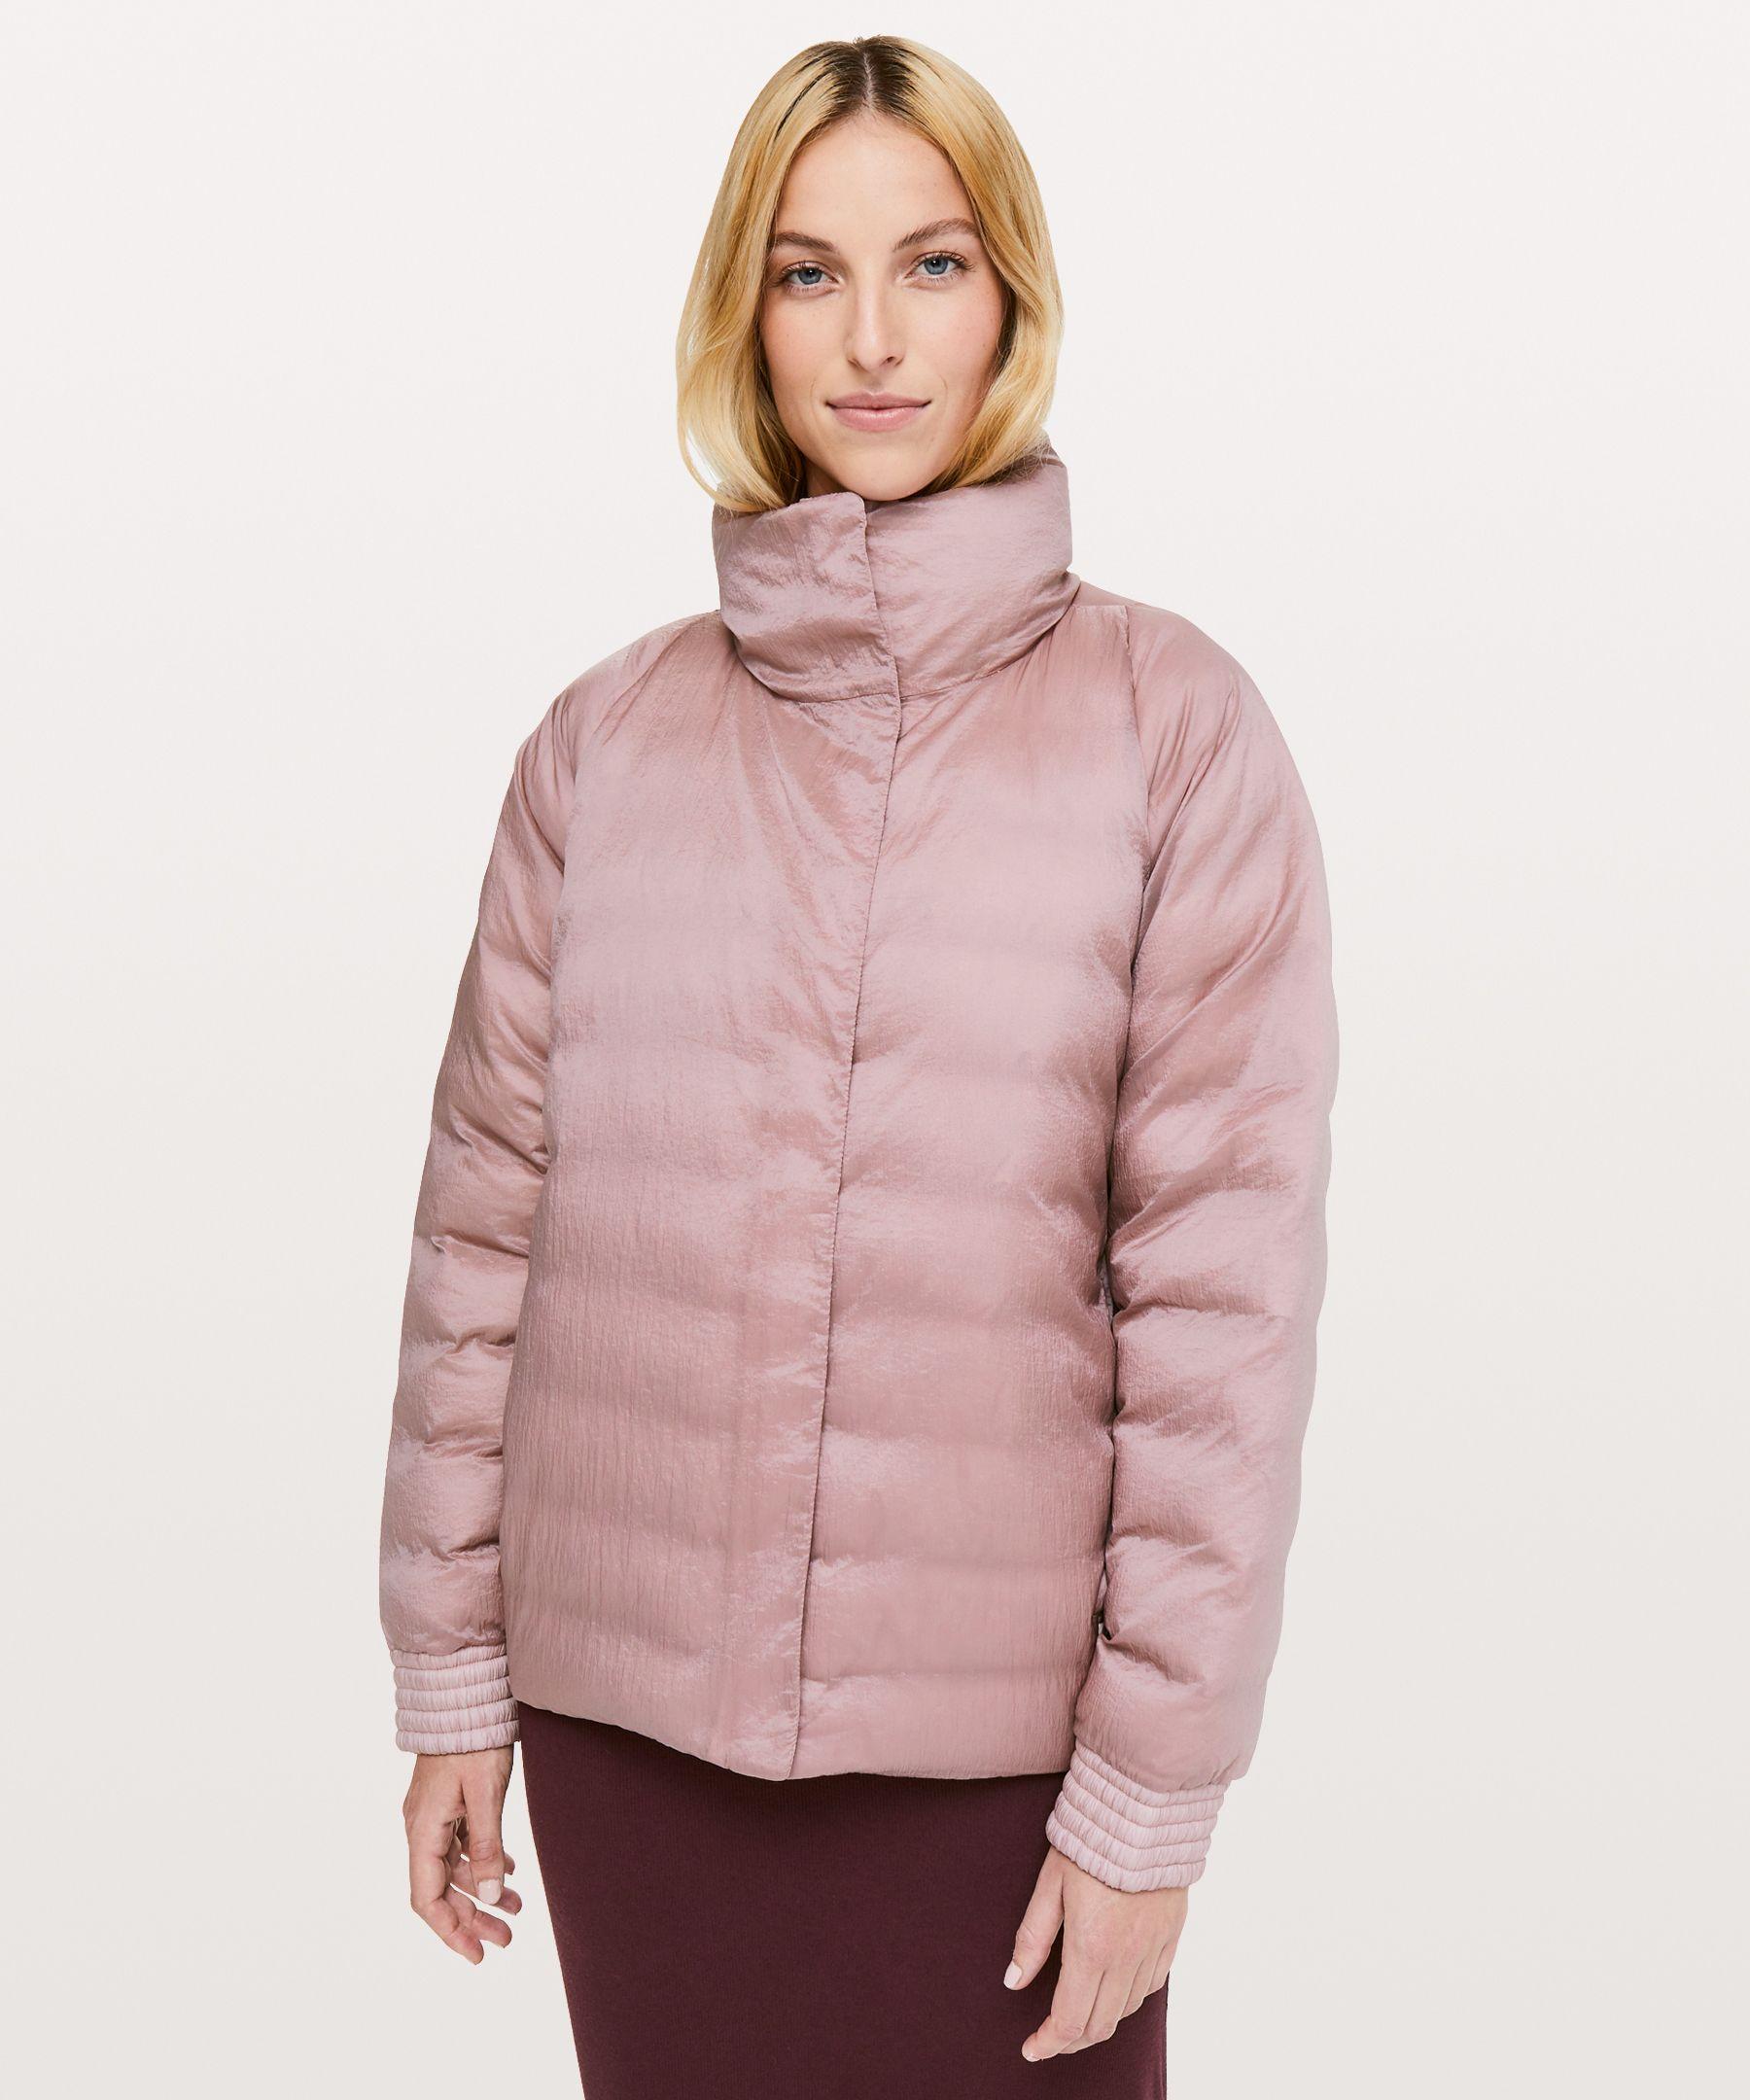 Lululemon Aurora Jacket * Lab In Mink Berry